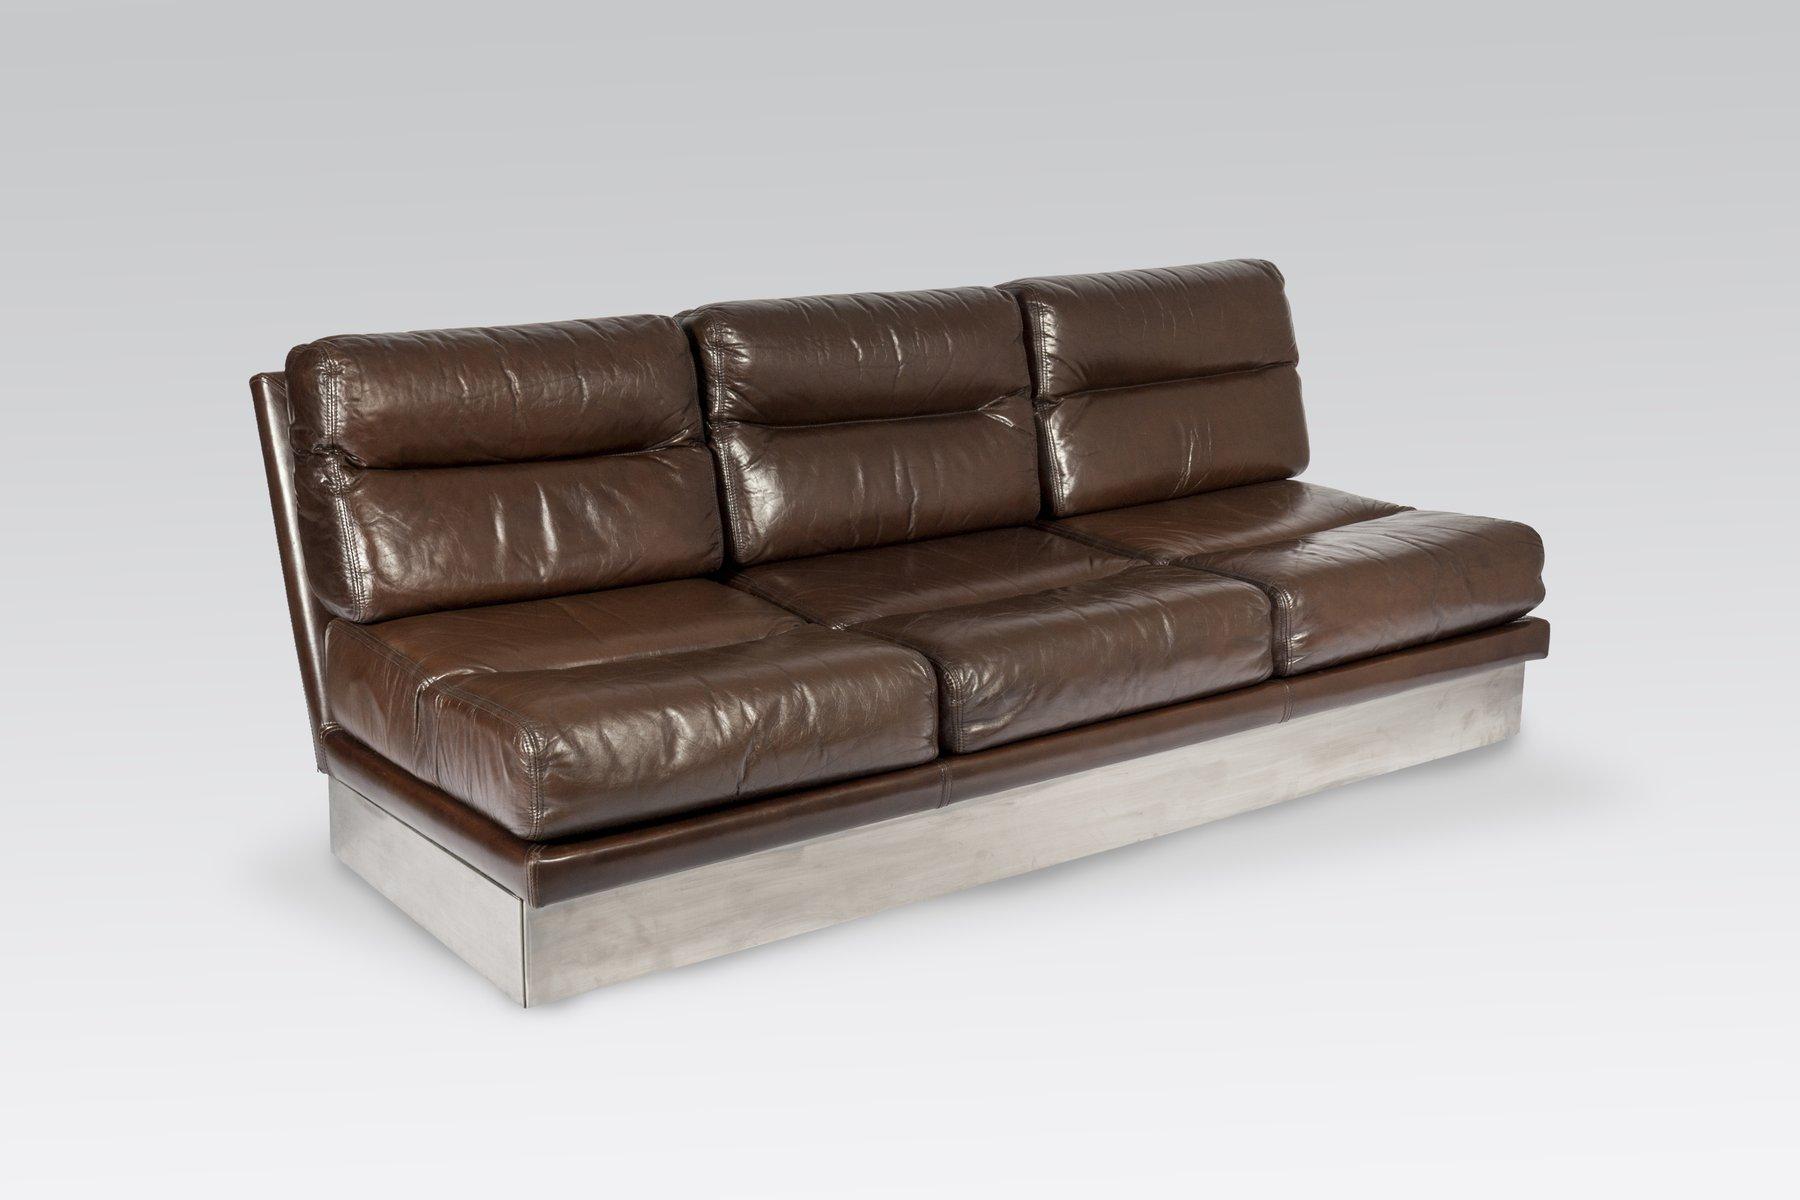 Sofa aus leder und edelstahl von jacques charpentier für roche